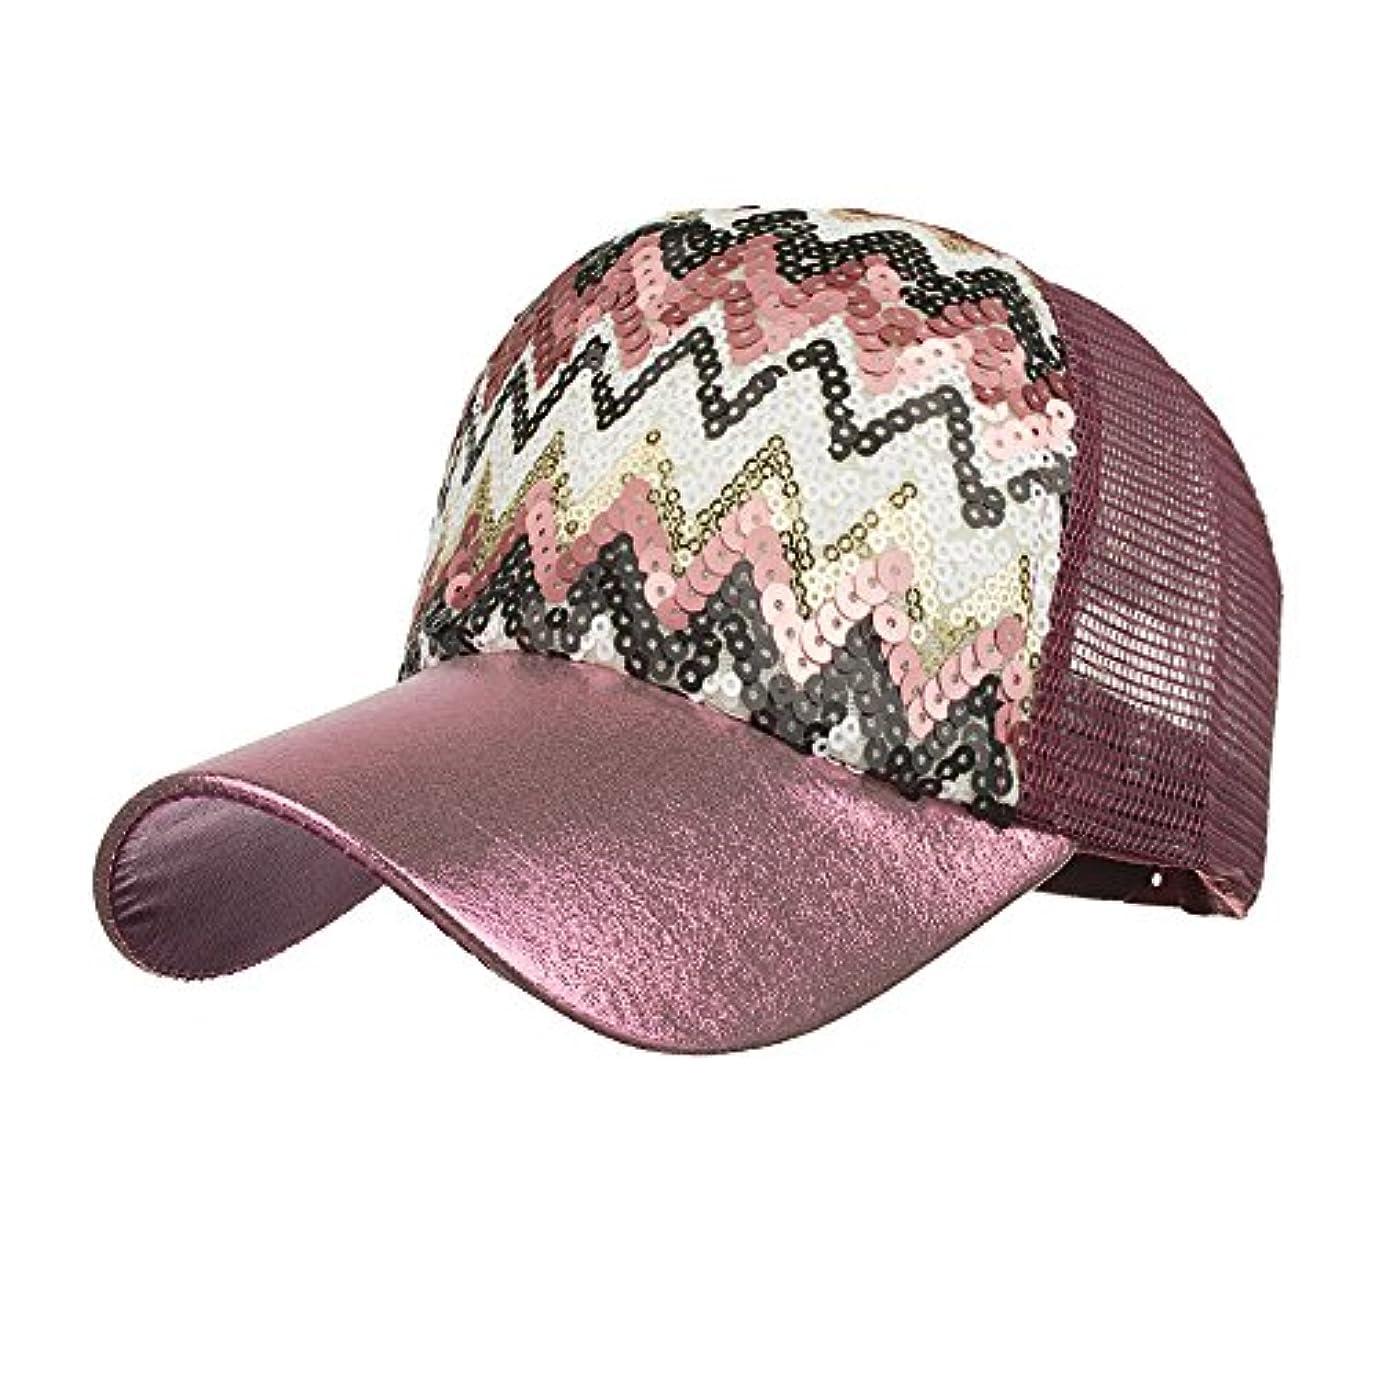 声を出して粘性の家具Racazing Cap 輝く棒球帽 カラーマッチング 野球帽 ヒップホップ 通気性のある ラインストーン 帽子 夏 登山 アメリカの旗 可調整可能 男女兼用 UV 帽子 軽量 屋外 メッシュ Unisex Cap (紫の)